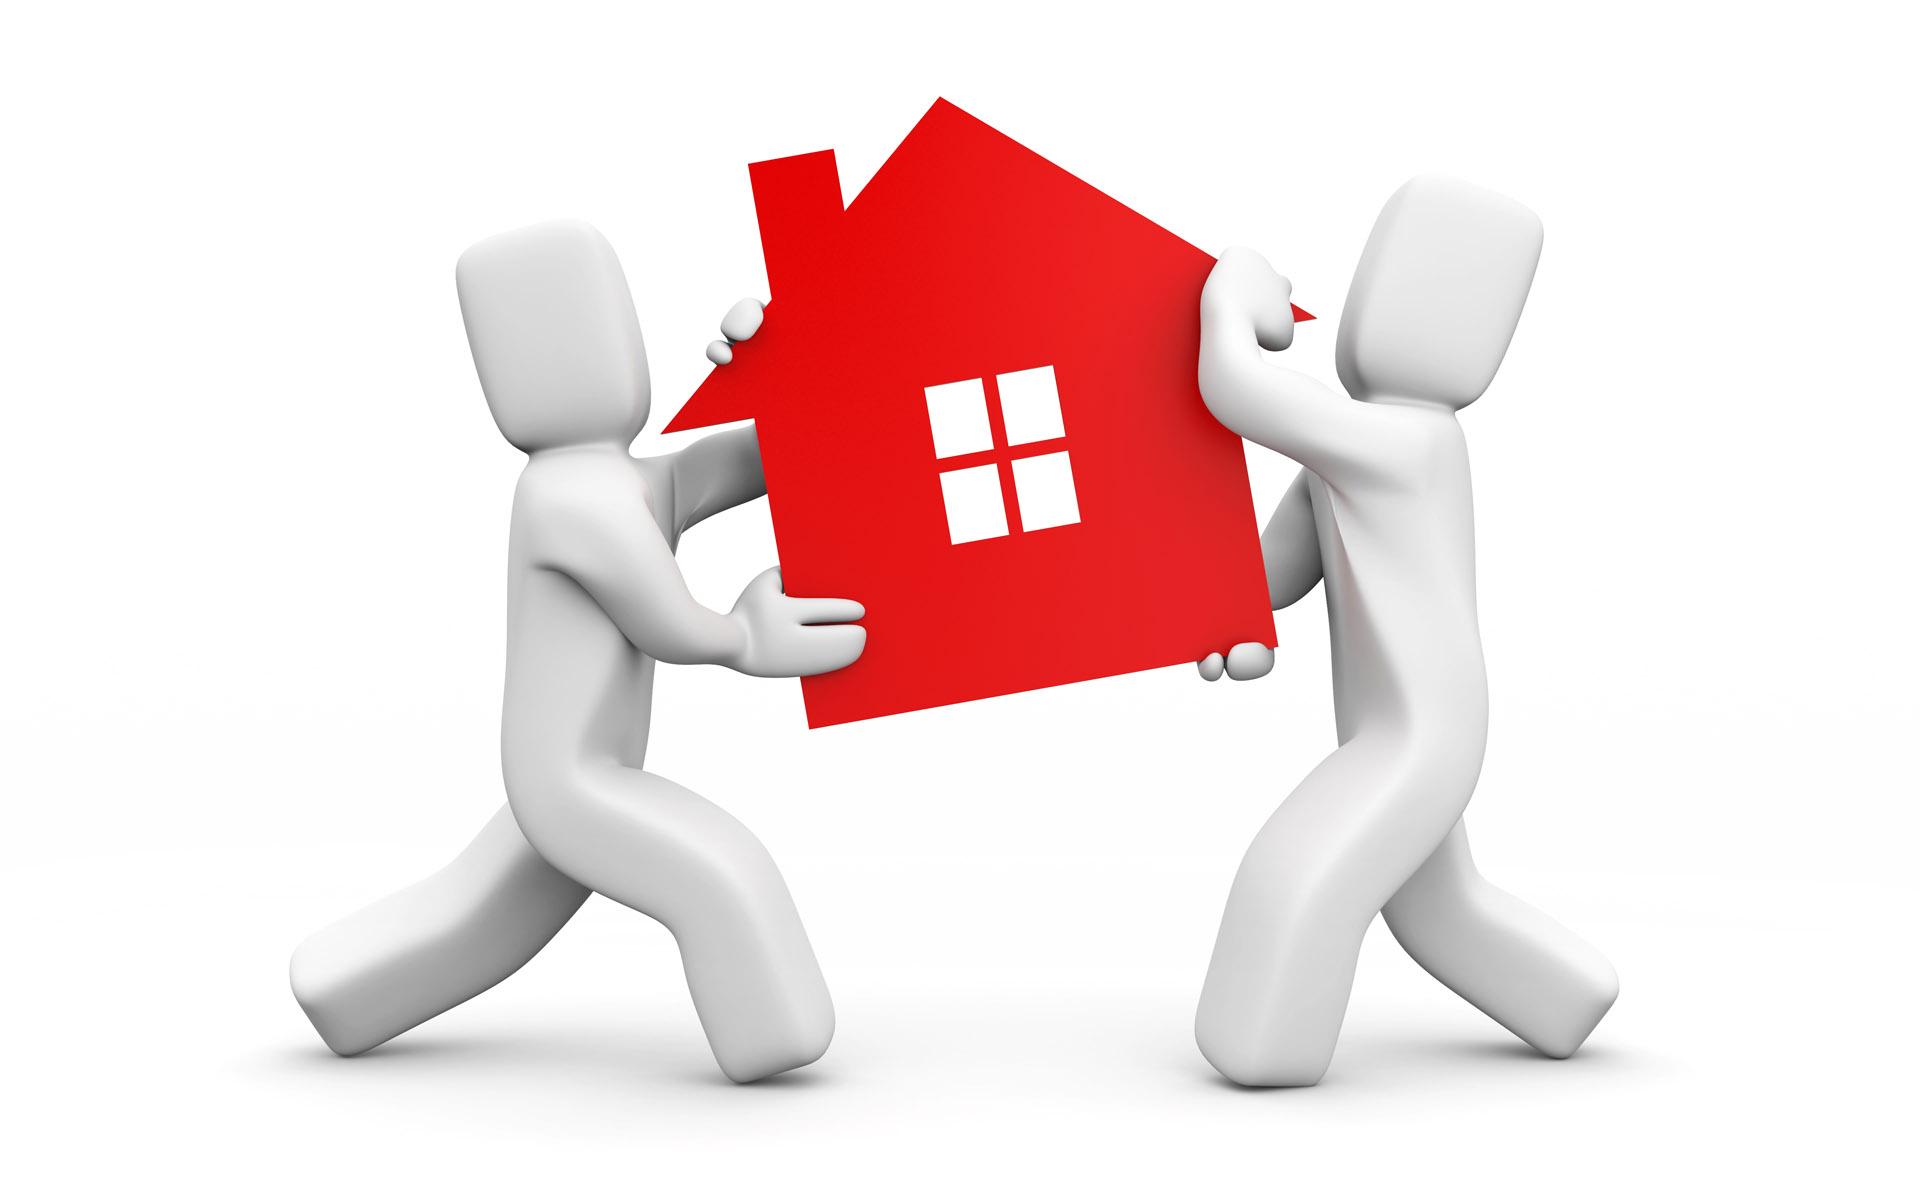 怎么搬家  轻松搬好家的简单6步骤